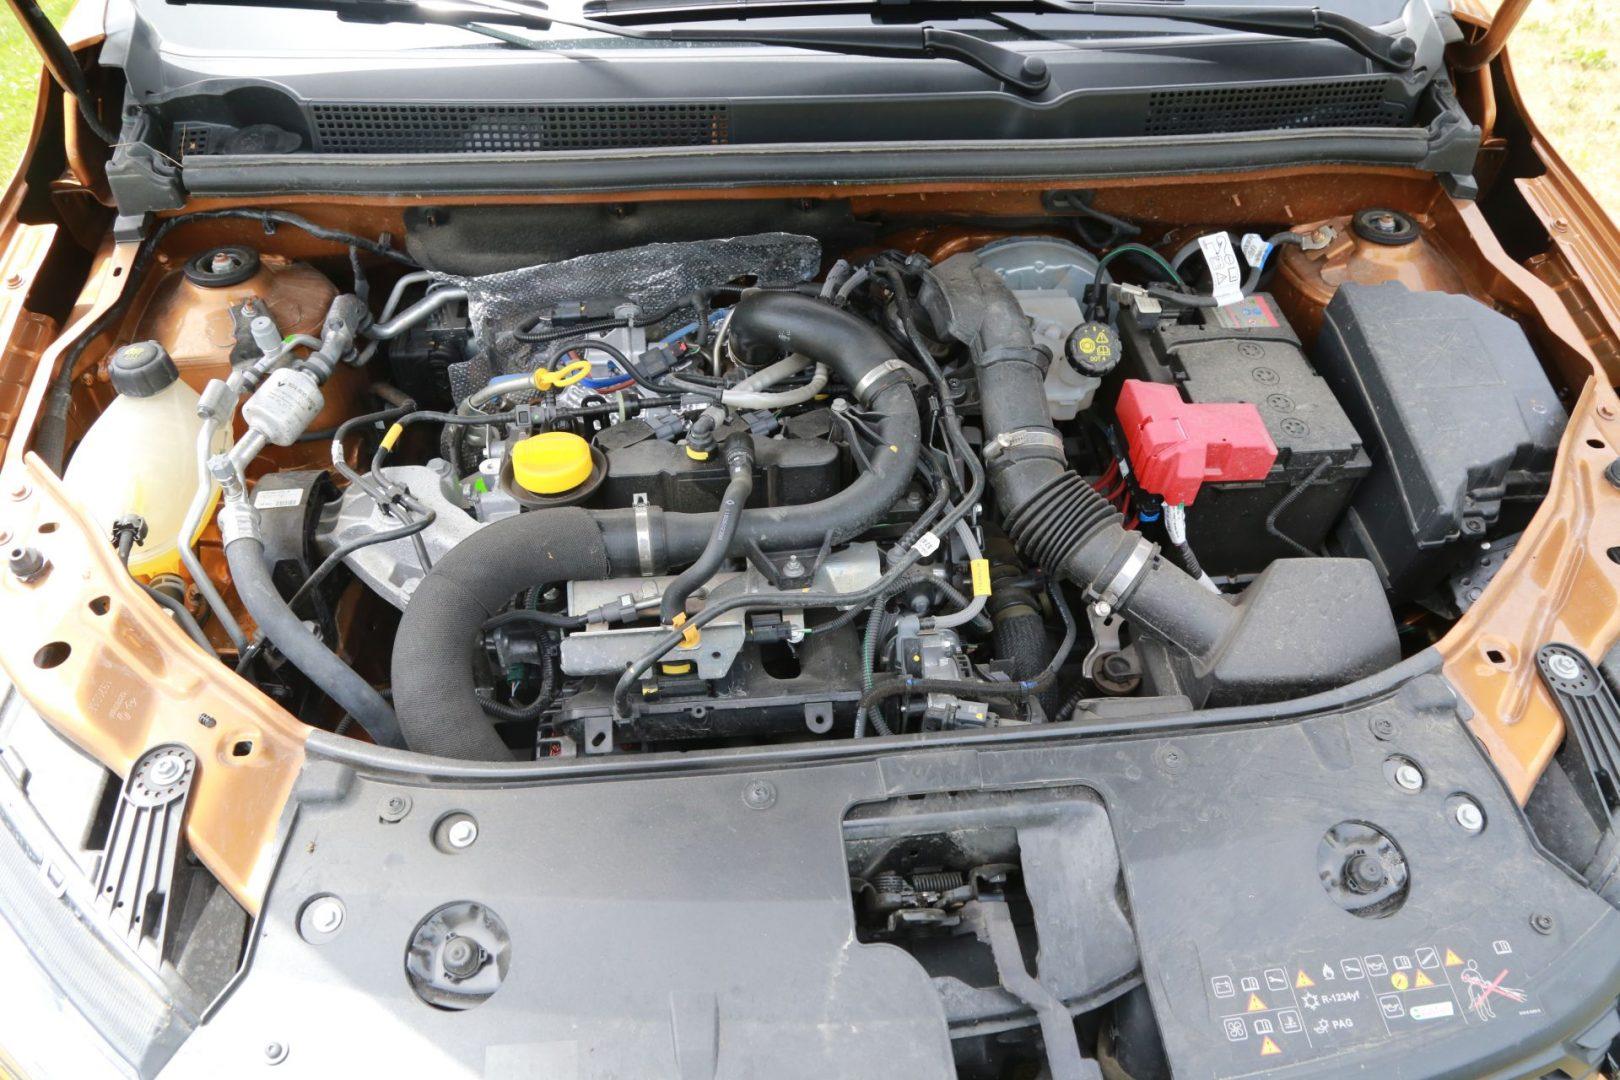 91 KS koju razvija trocilindrični turbobenzinac odlično idu uz Stepway